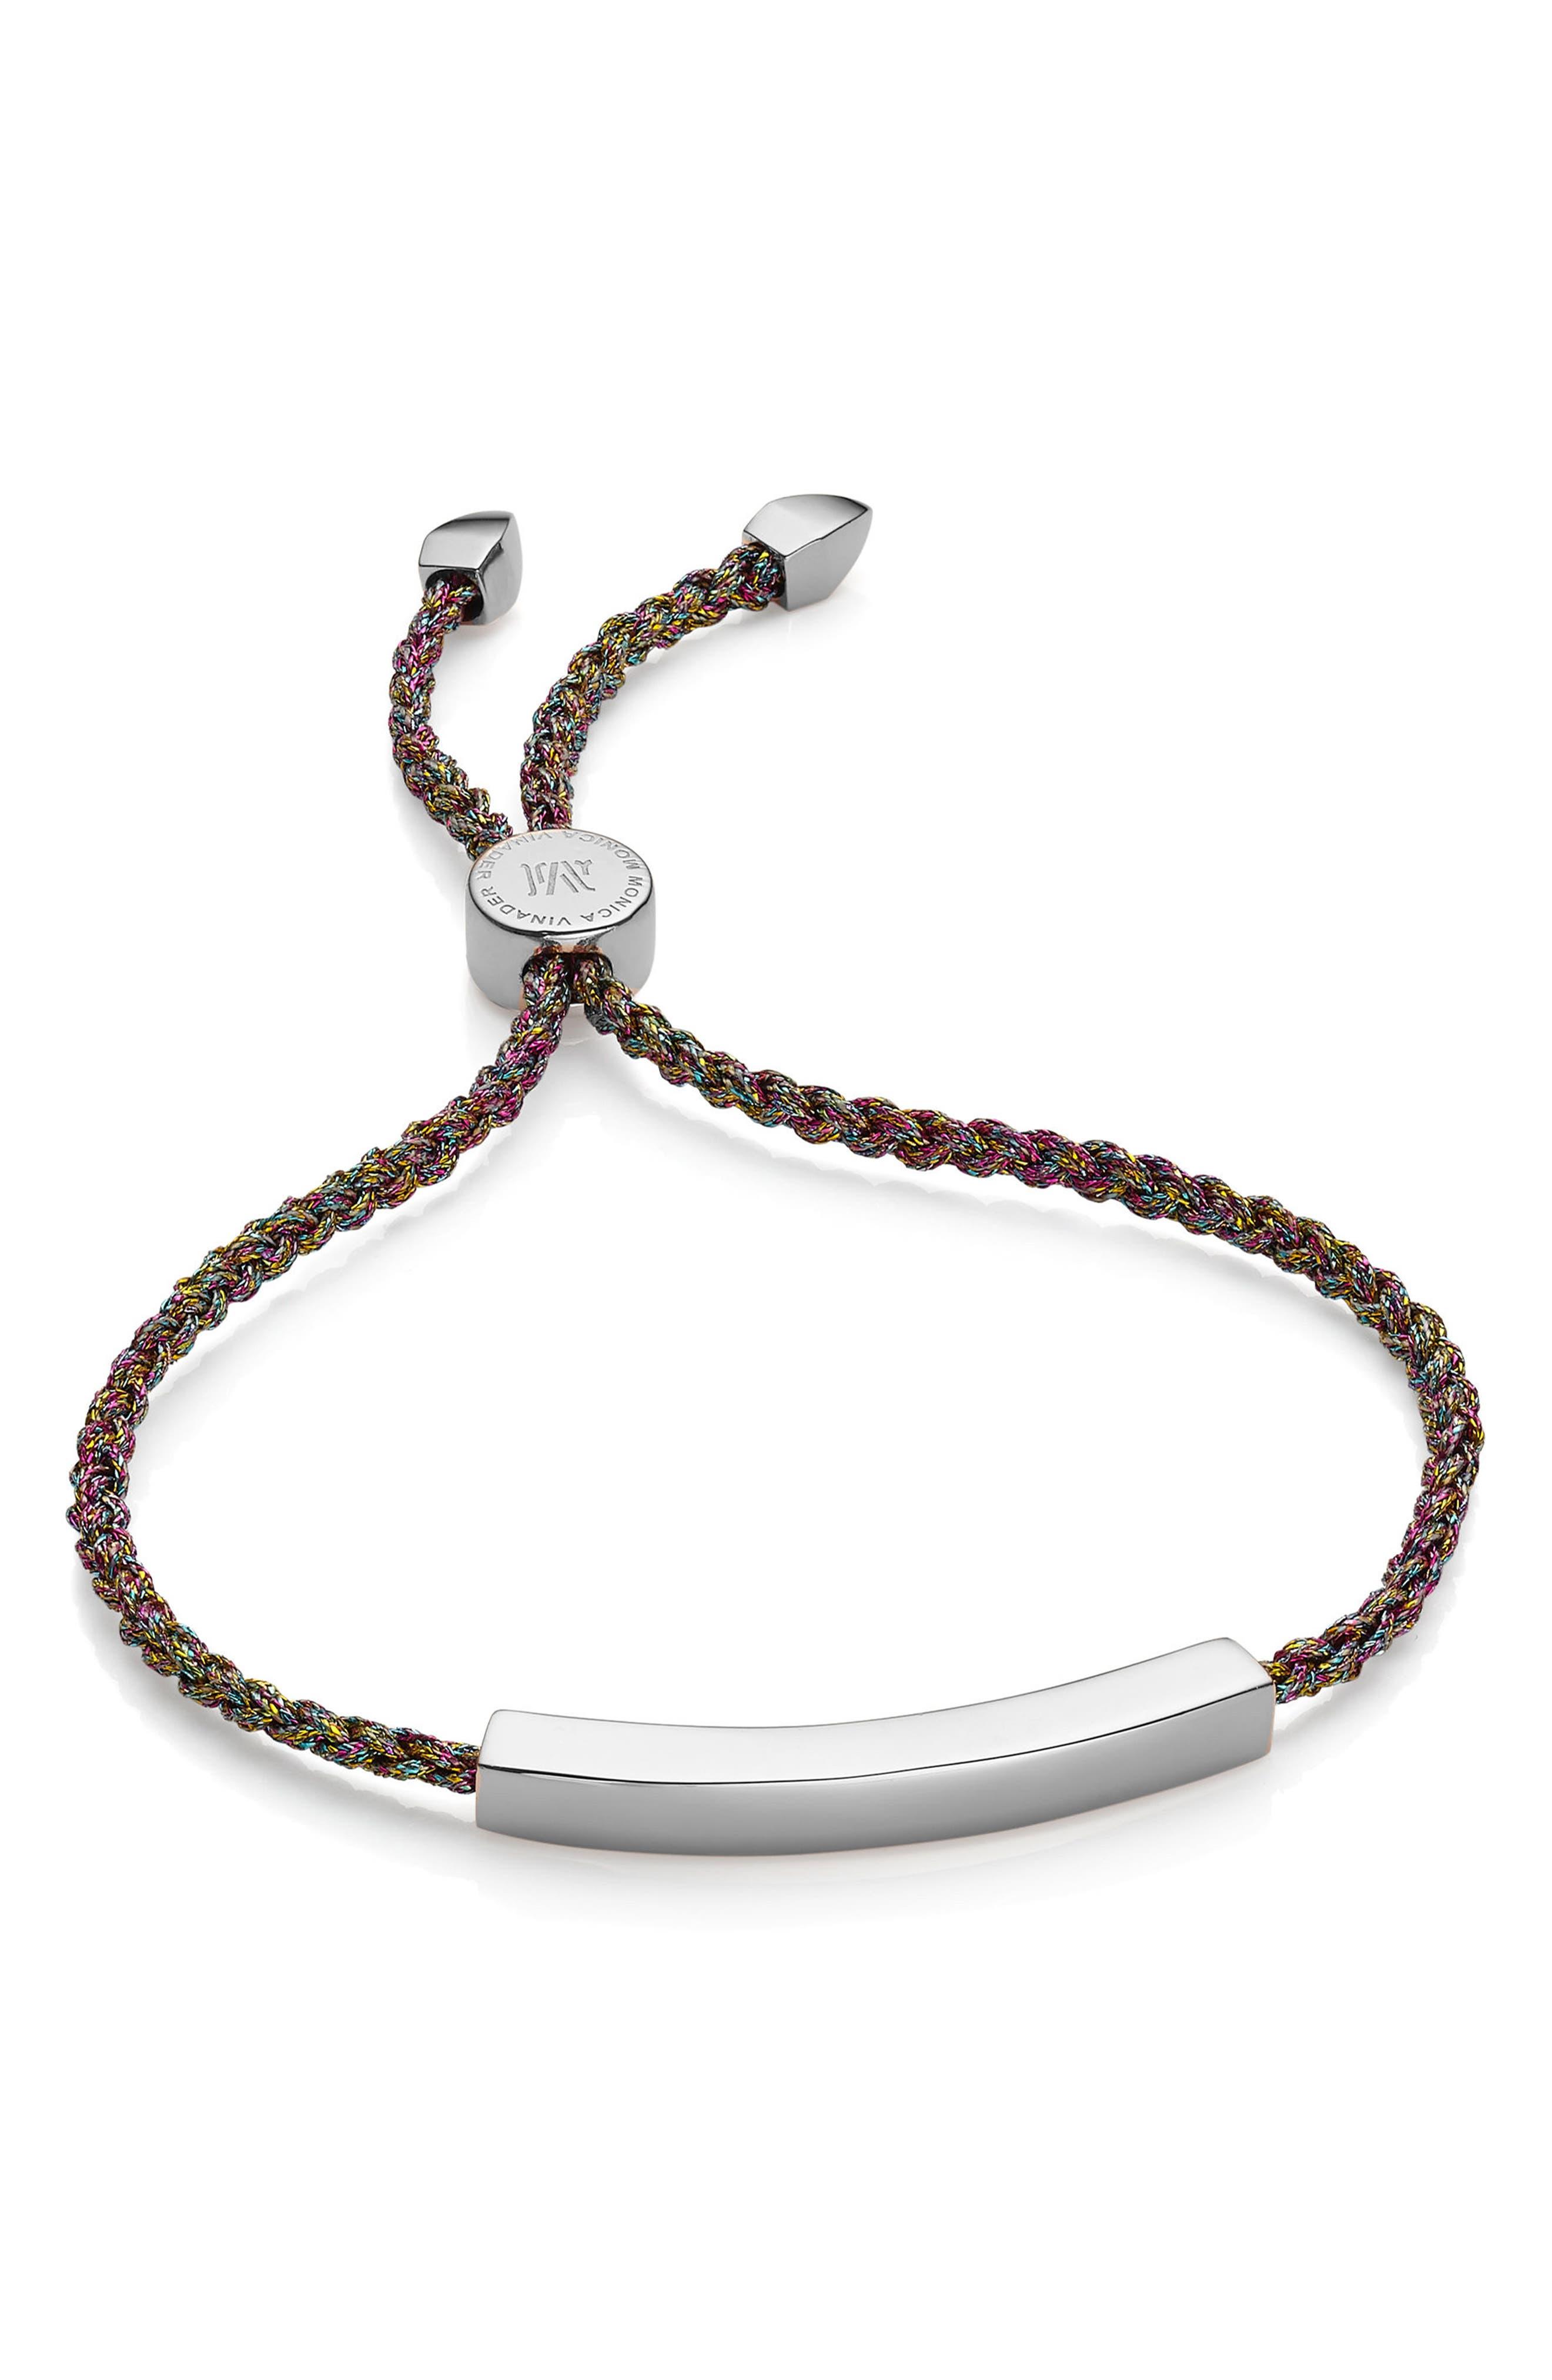 Engravable Linear Friendship Bracelet,                         Main,                         color, SILVER/ RAINBOW